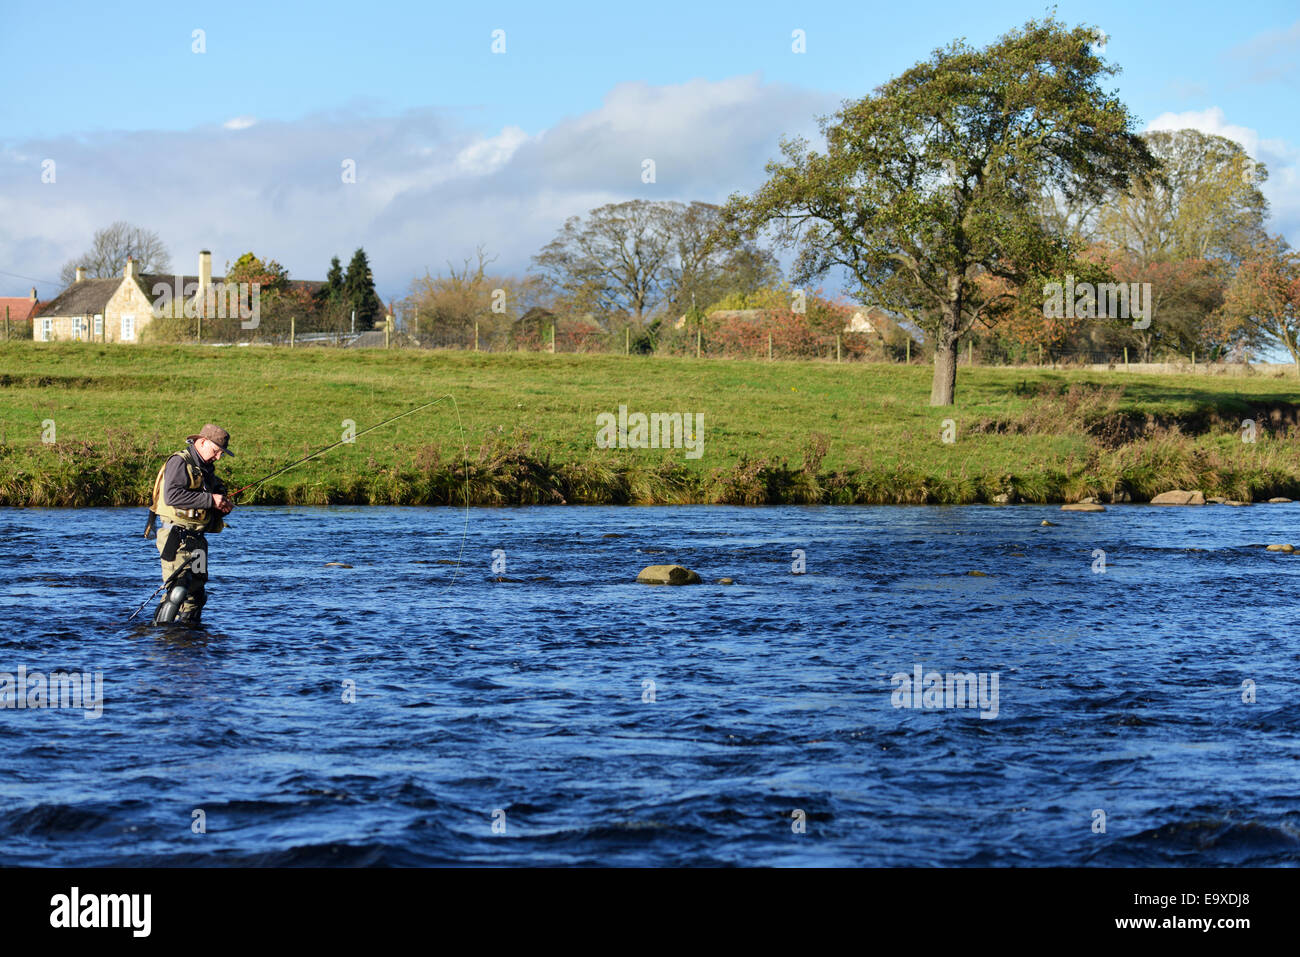 Uomo di Pesca a Mosca Report di Pesca sul Fiume Tees nella Contea di Durham Foto Stock